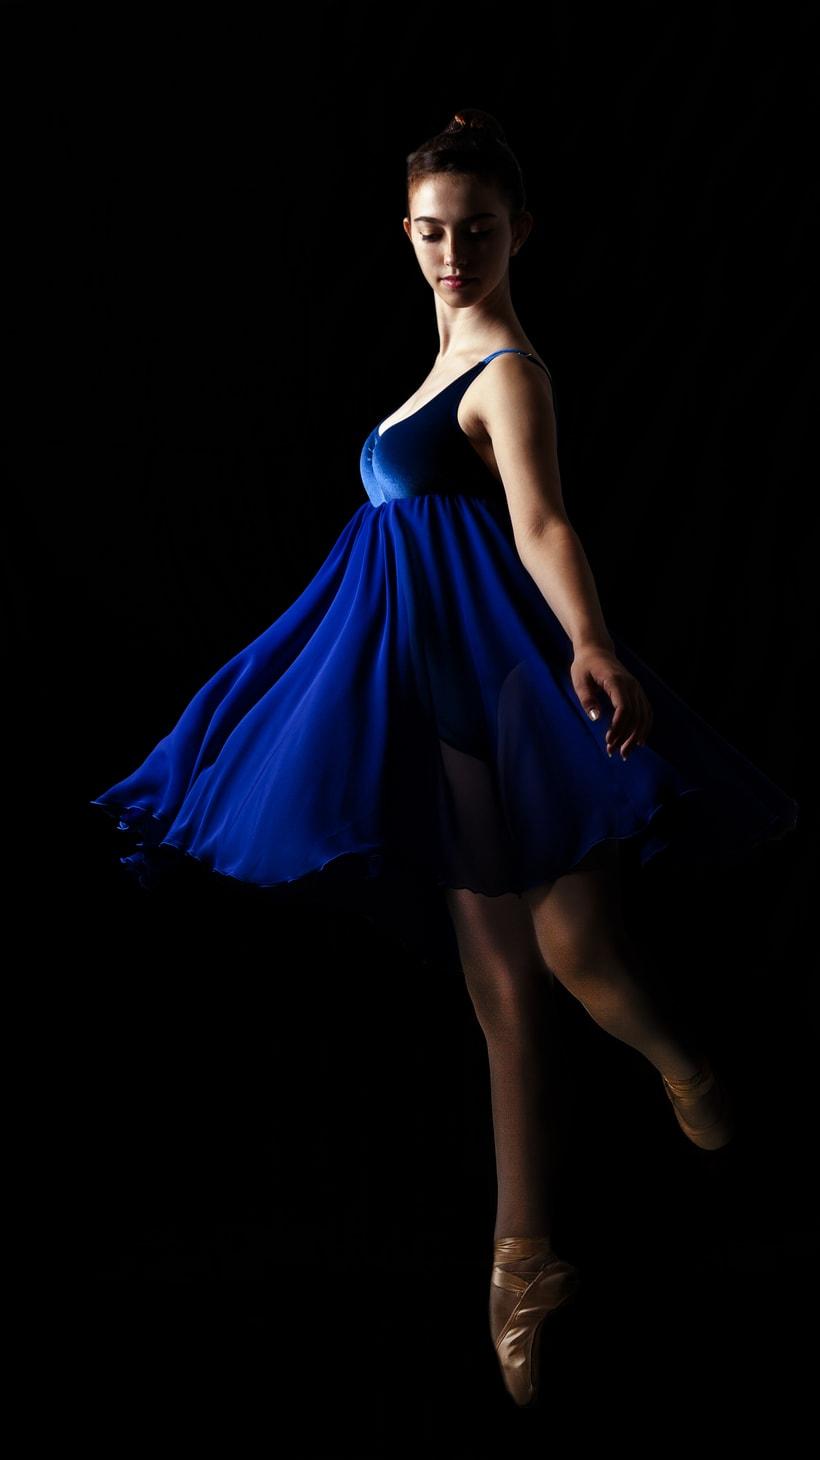 Danza, Luz y Movimiento 0